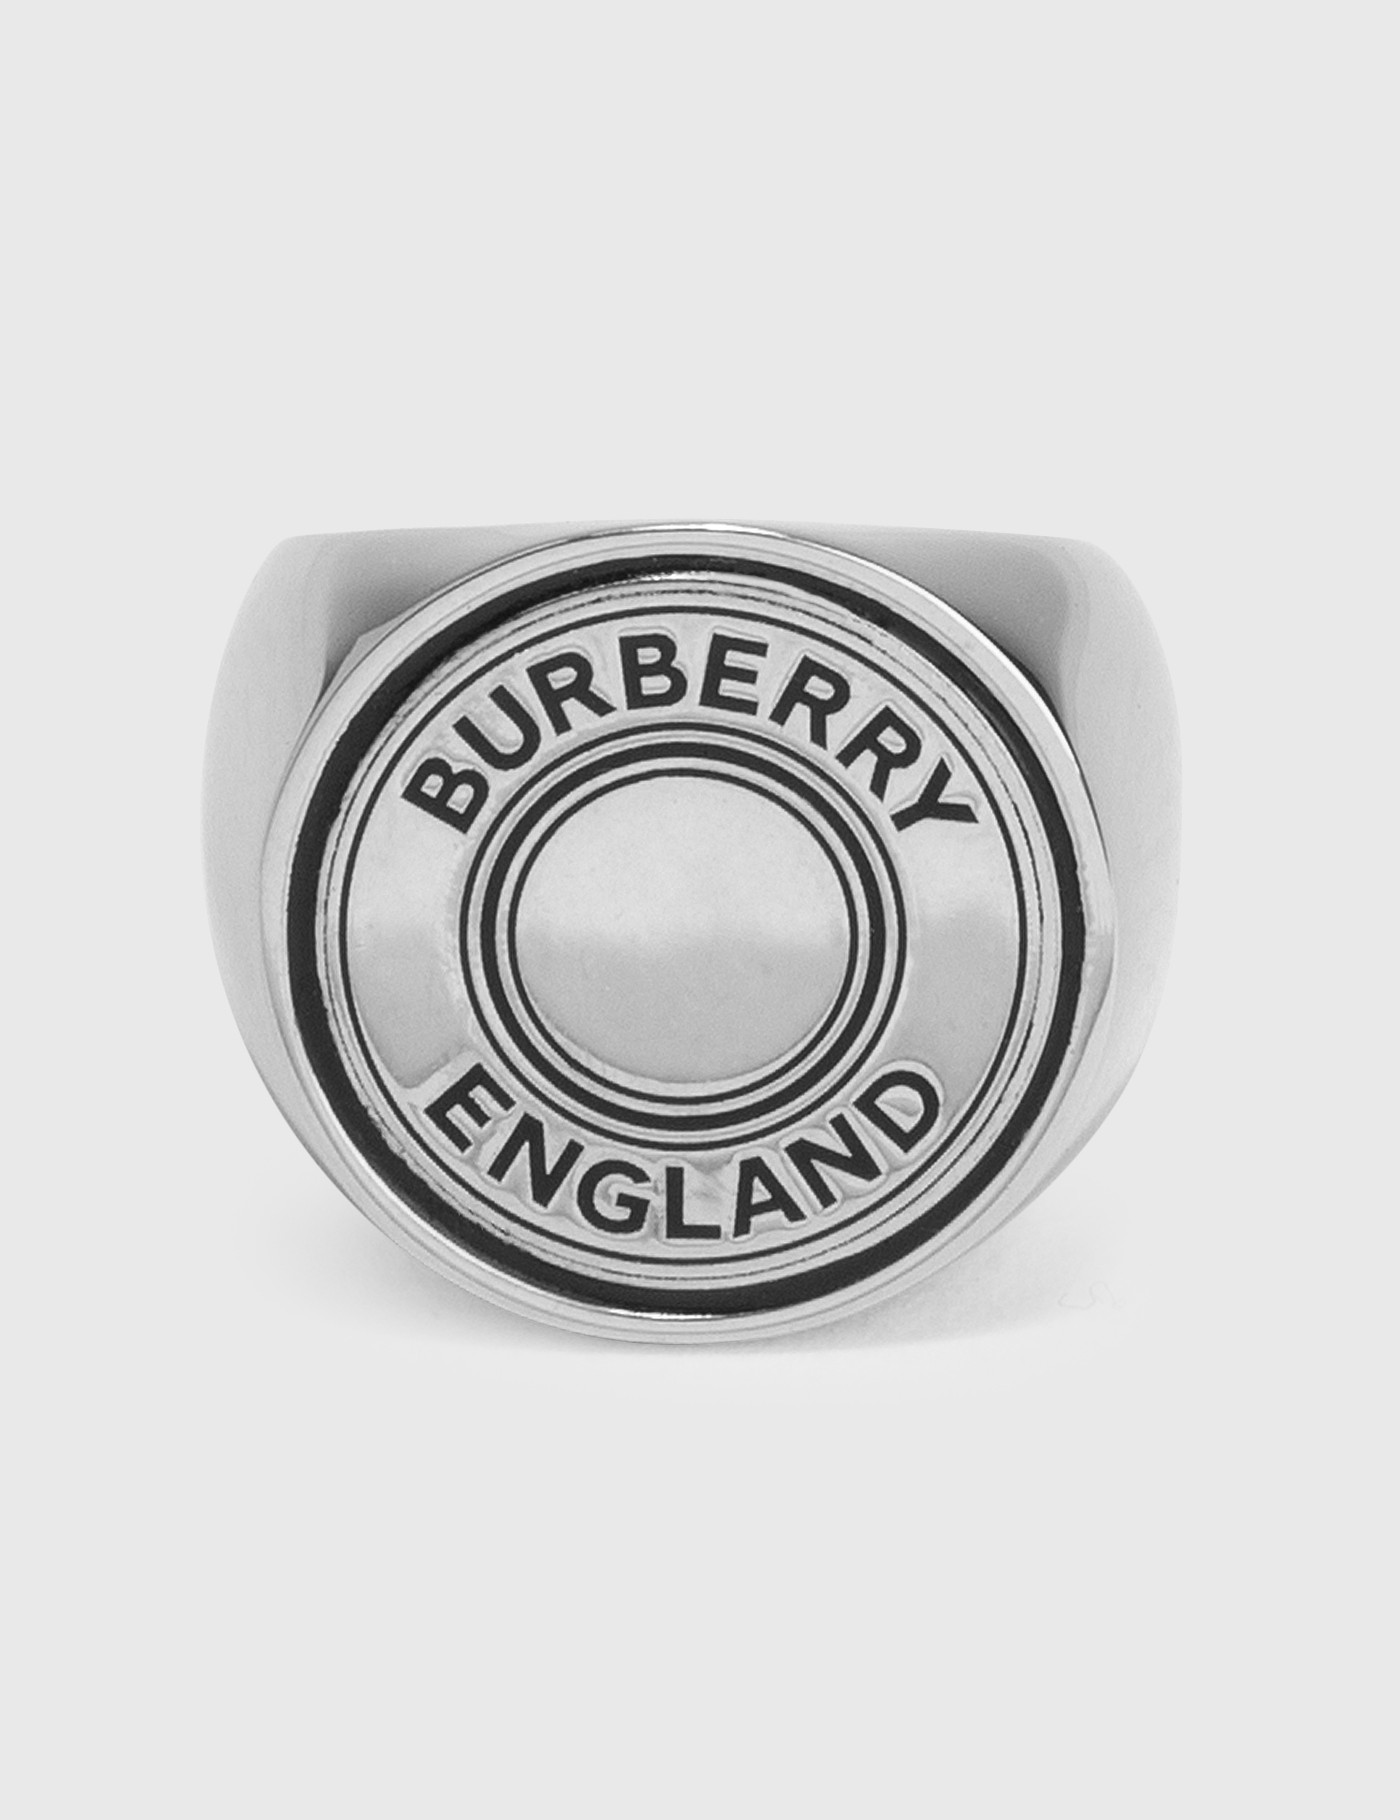 버버리 맨 라운드 로고 반지 Burberry Round Logo Signet Ring